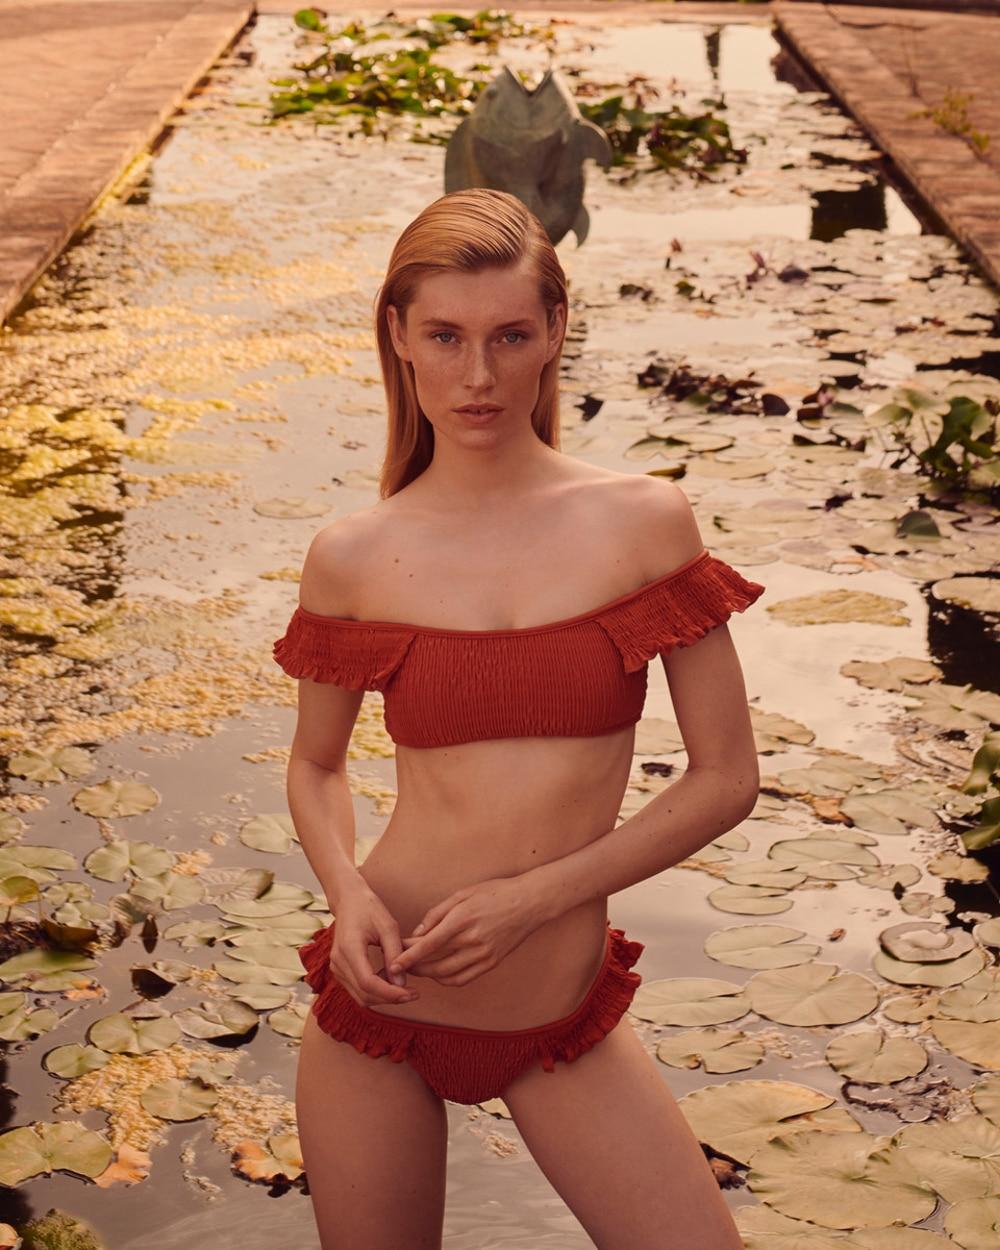 Caroline-Lossberg-Vogue-Portugal-Andreas-Ortner-1.jpg